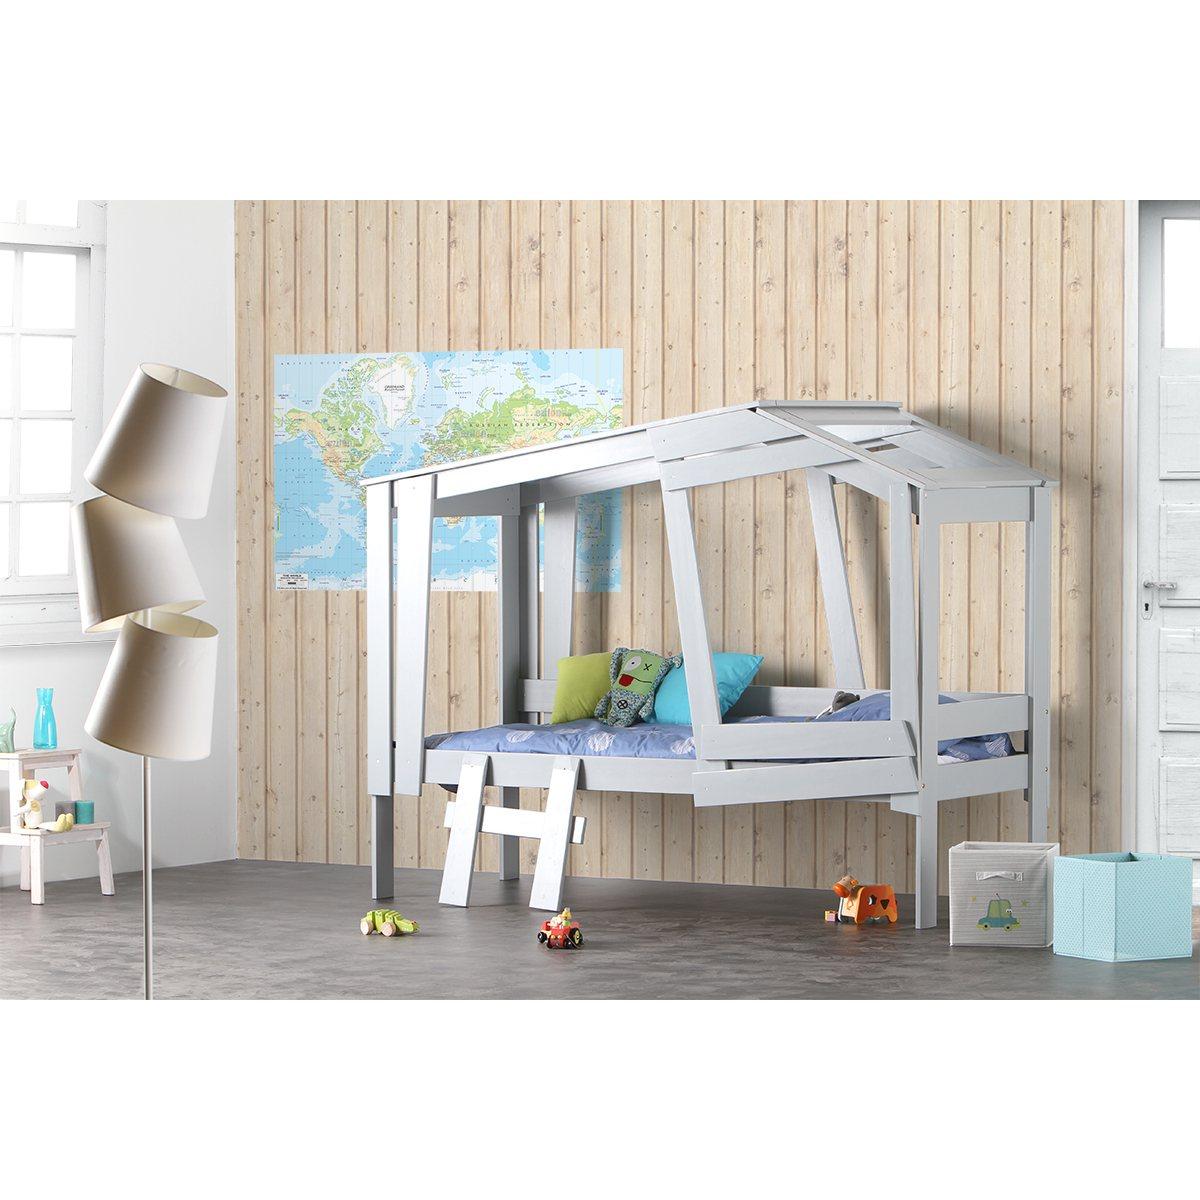 les lits cabane pour enfants la mouche 3 fois rien. Black Bedroom Furniture Sets. Home Design Ideas